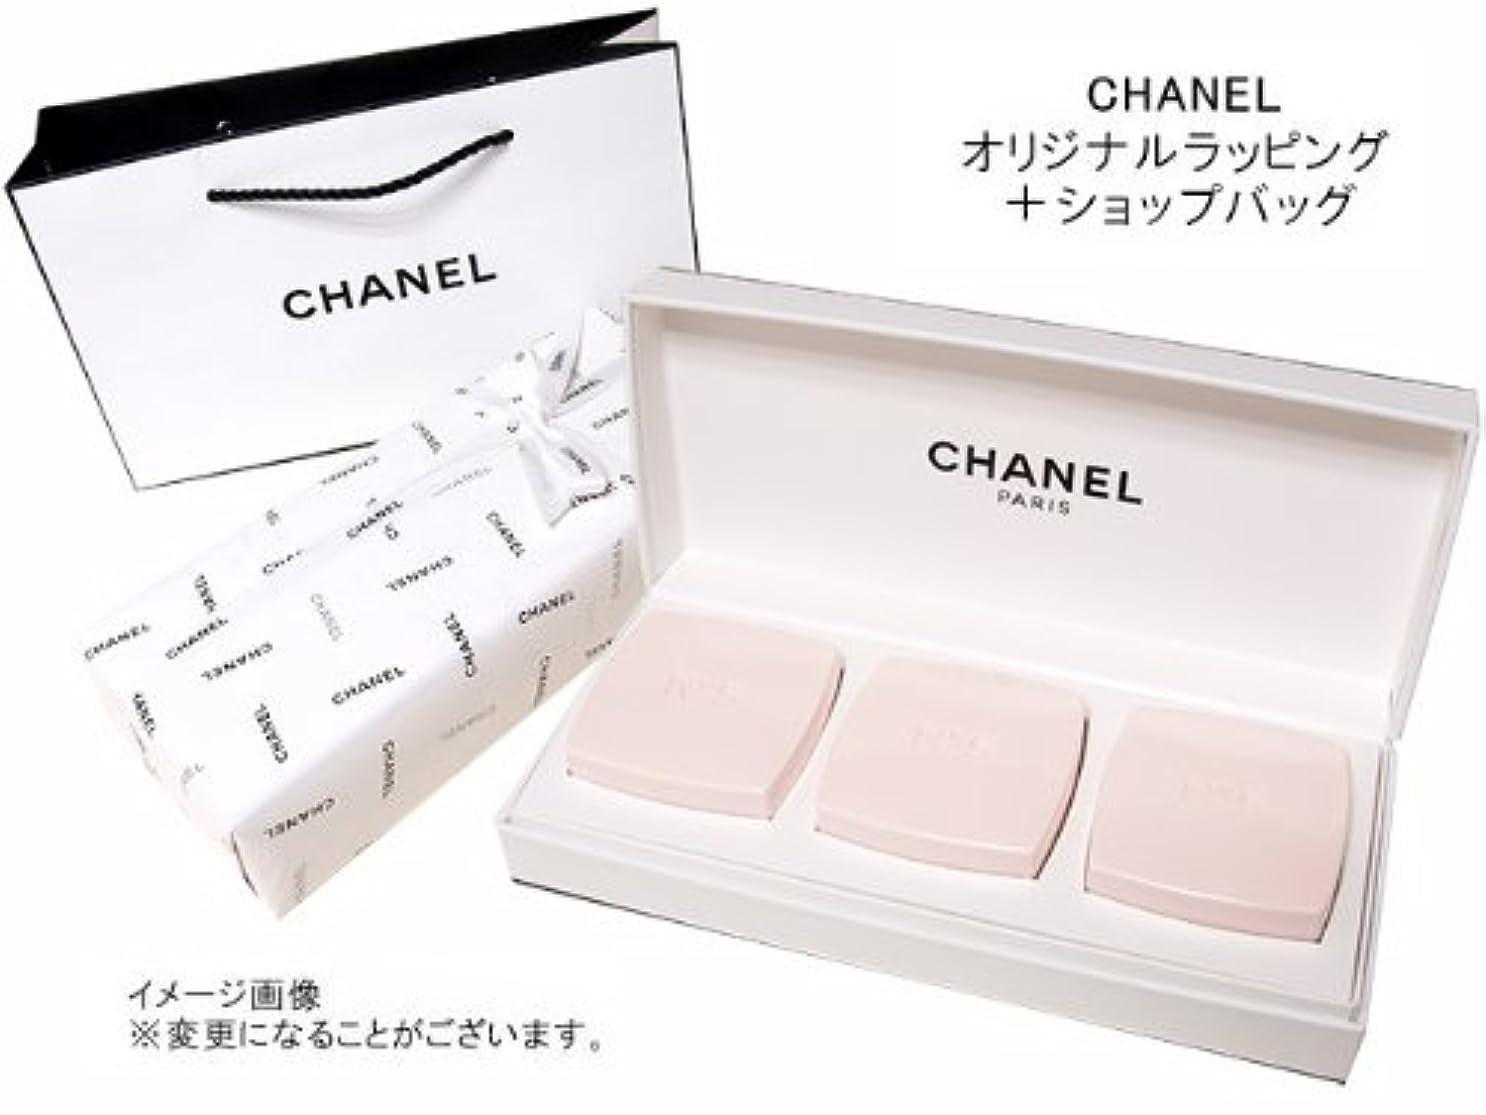 ジムバス枠CHANEL(シャネル) LES CADEAUX シャネル N゜5ギフトコレクションN゜5 サヴォン(石けん)75g×3 オリジナルラッピング&ショップバッグ付専用ギフトボックス入り